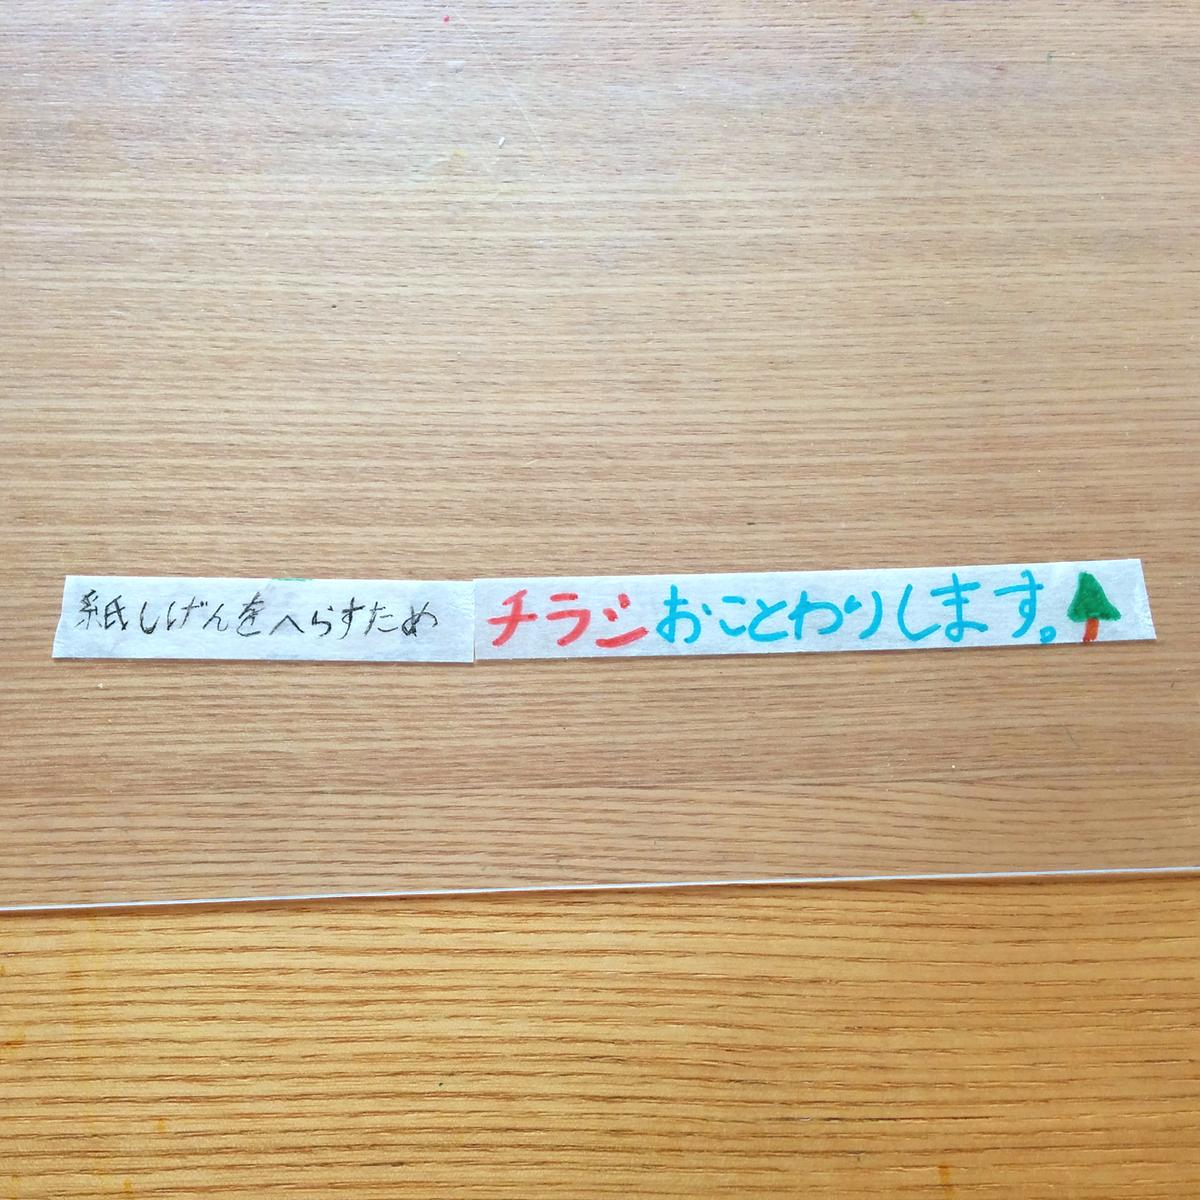 f:id:haruya-oyako:20210404145433j:plain